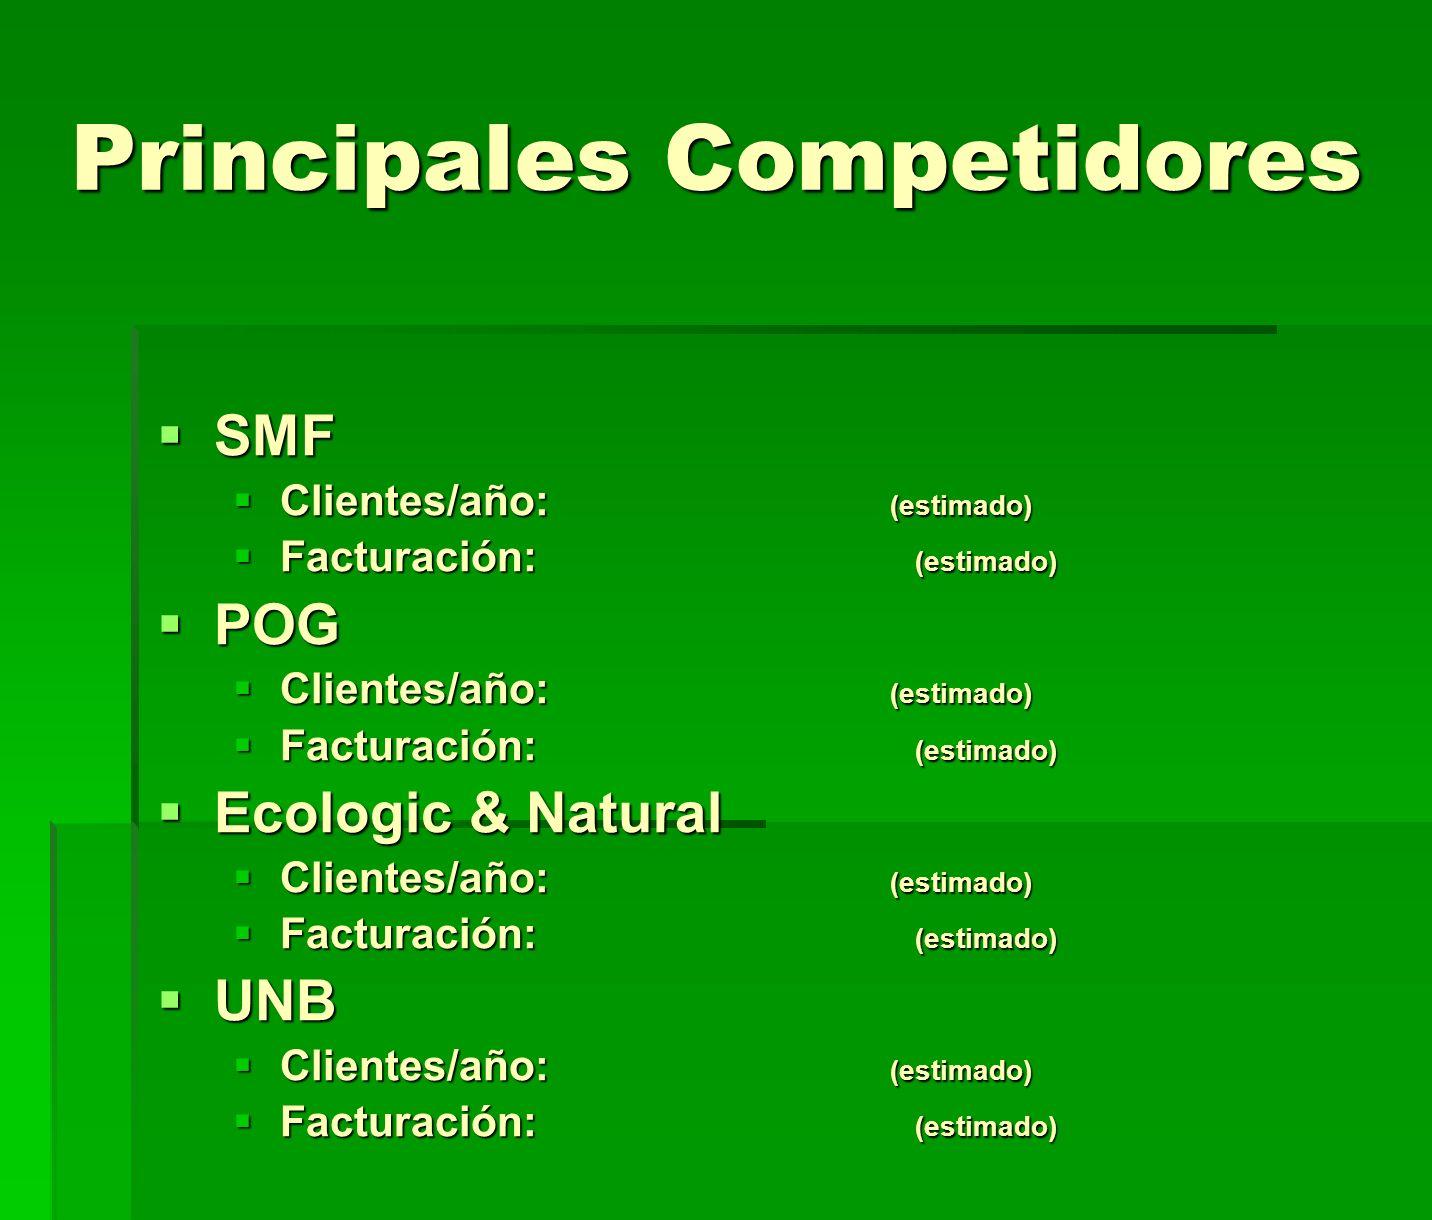 Principales Competidores